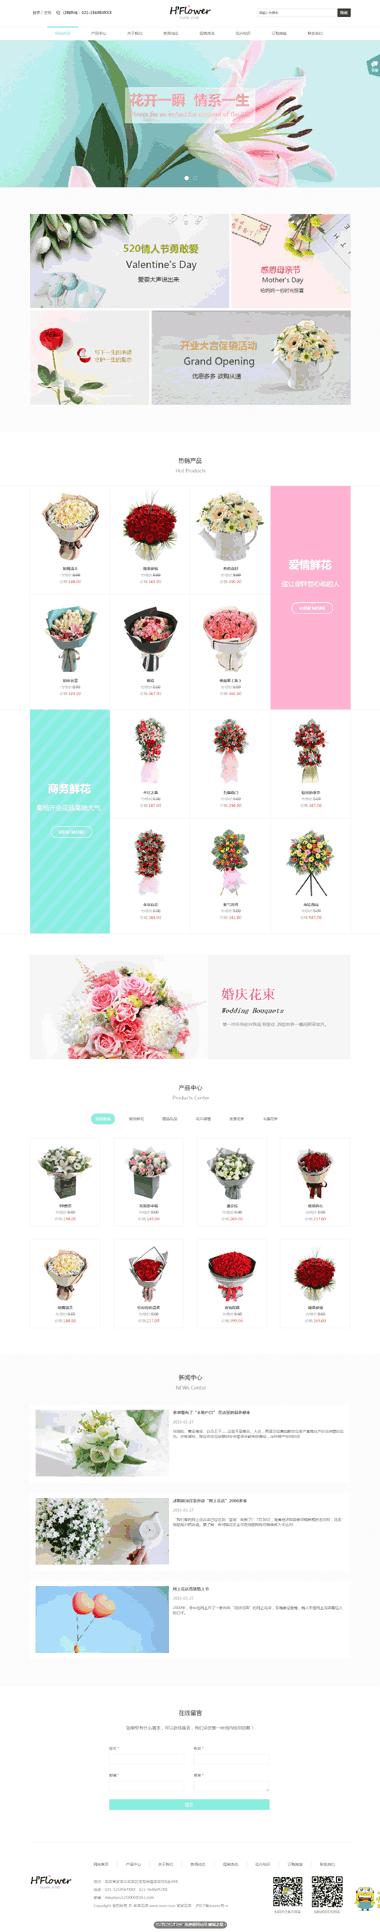 鲜花销售网站模板-鲜花礼品网站定制-网站建设体验价299元